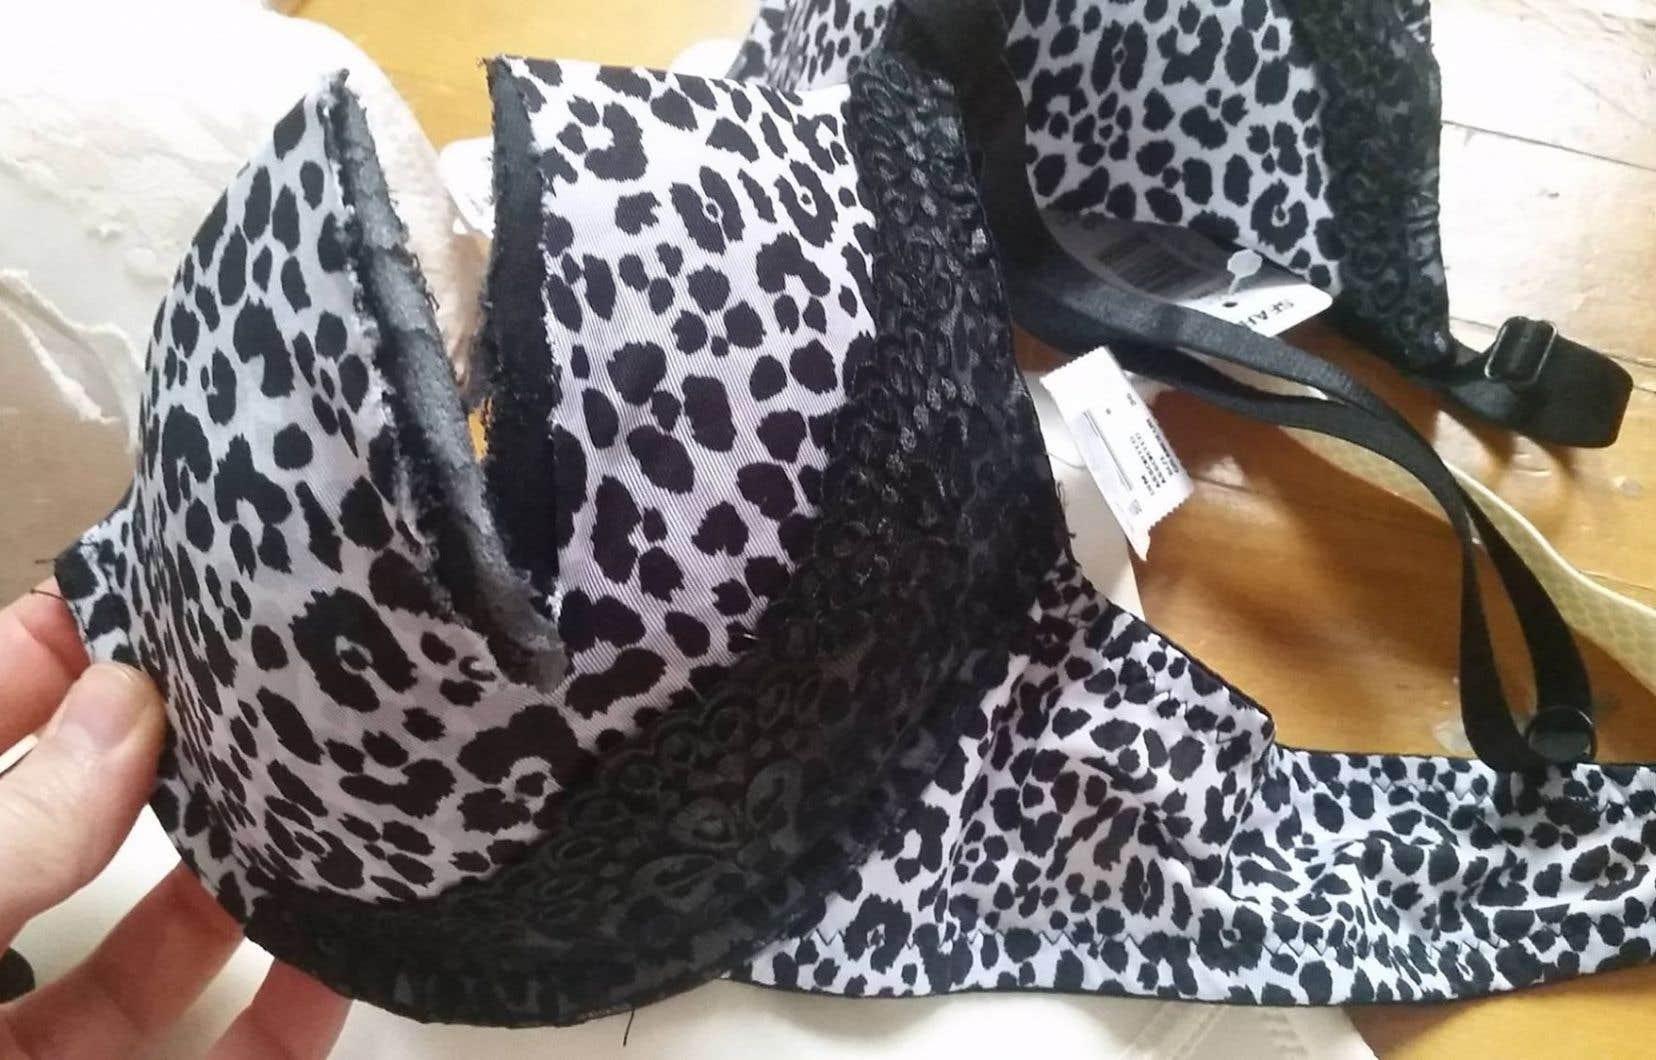 Des soutiens-gorge coupés en deux faisaient partie des vêtements qui remplissaient le conteneur à ordures réservé au magasin Sears, dans le stationnement des Galeries Joliette.